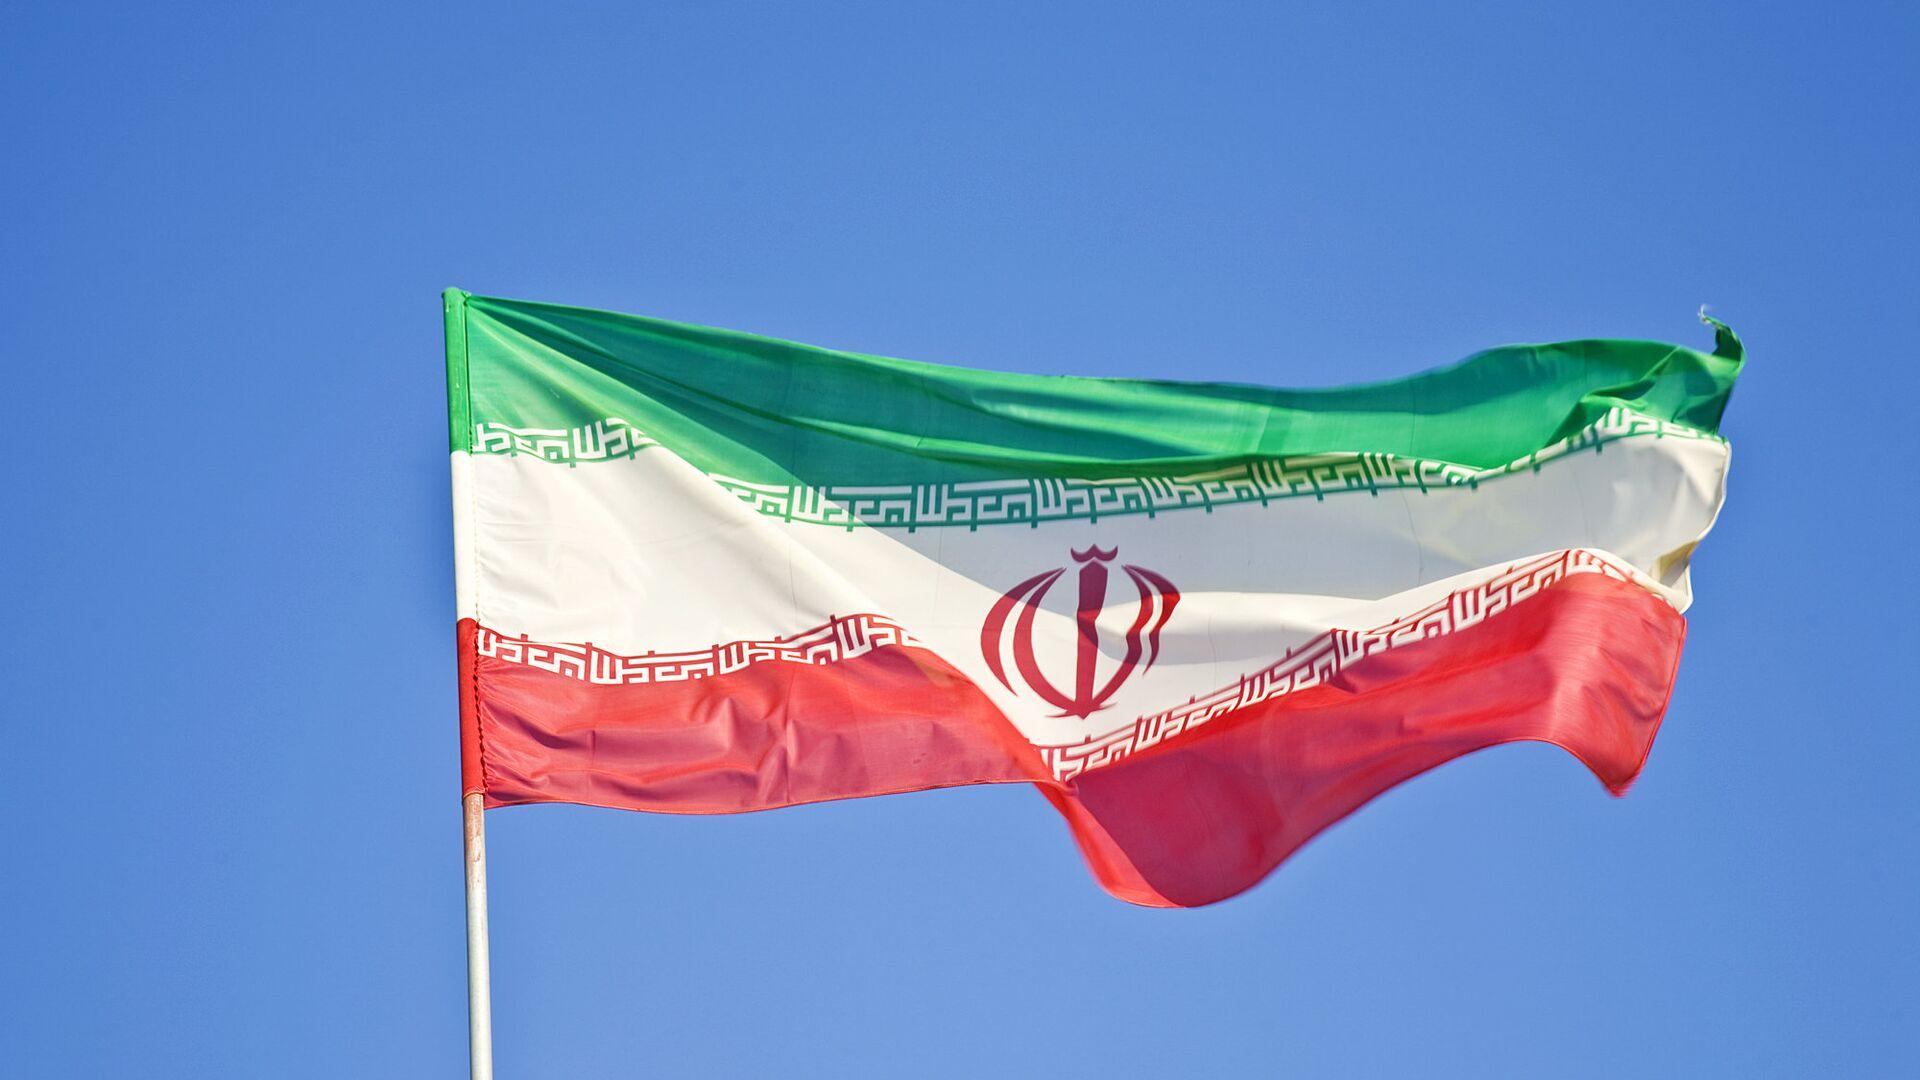 Irán no hará concesiones a Occidente a costa de la seguridad nacional, dicen expertos - Sputnik Mundo, 1920, 22.02.2021